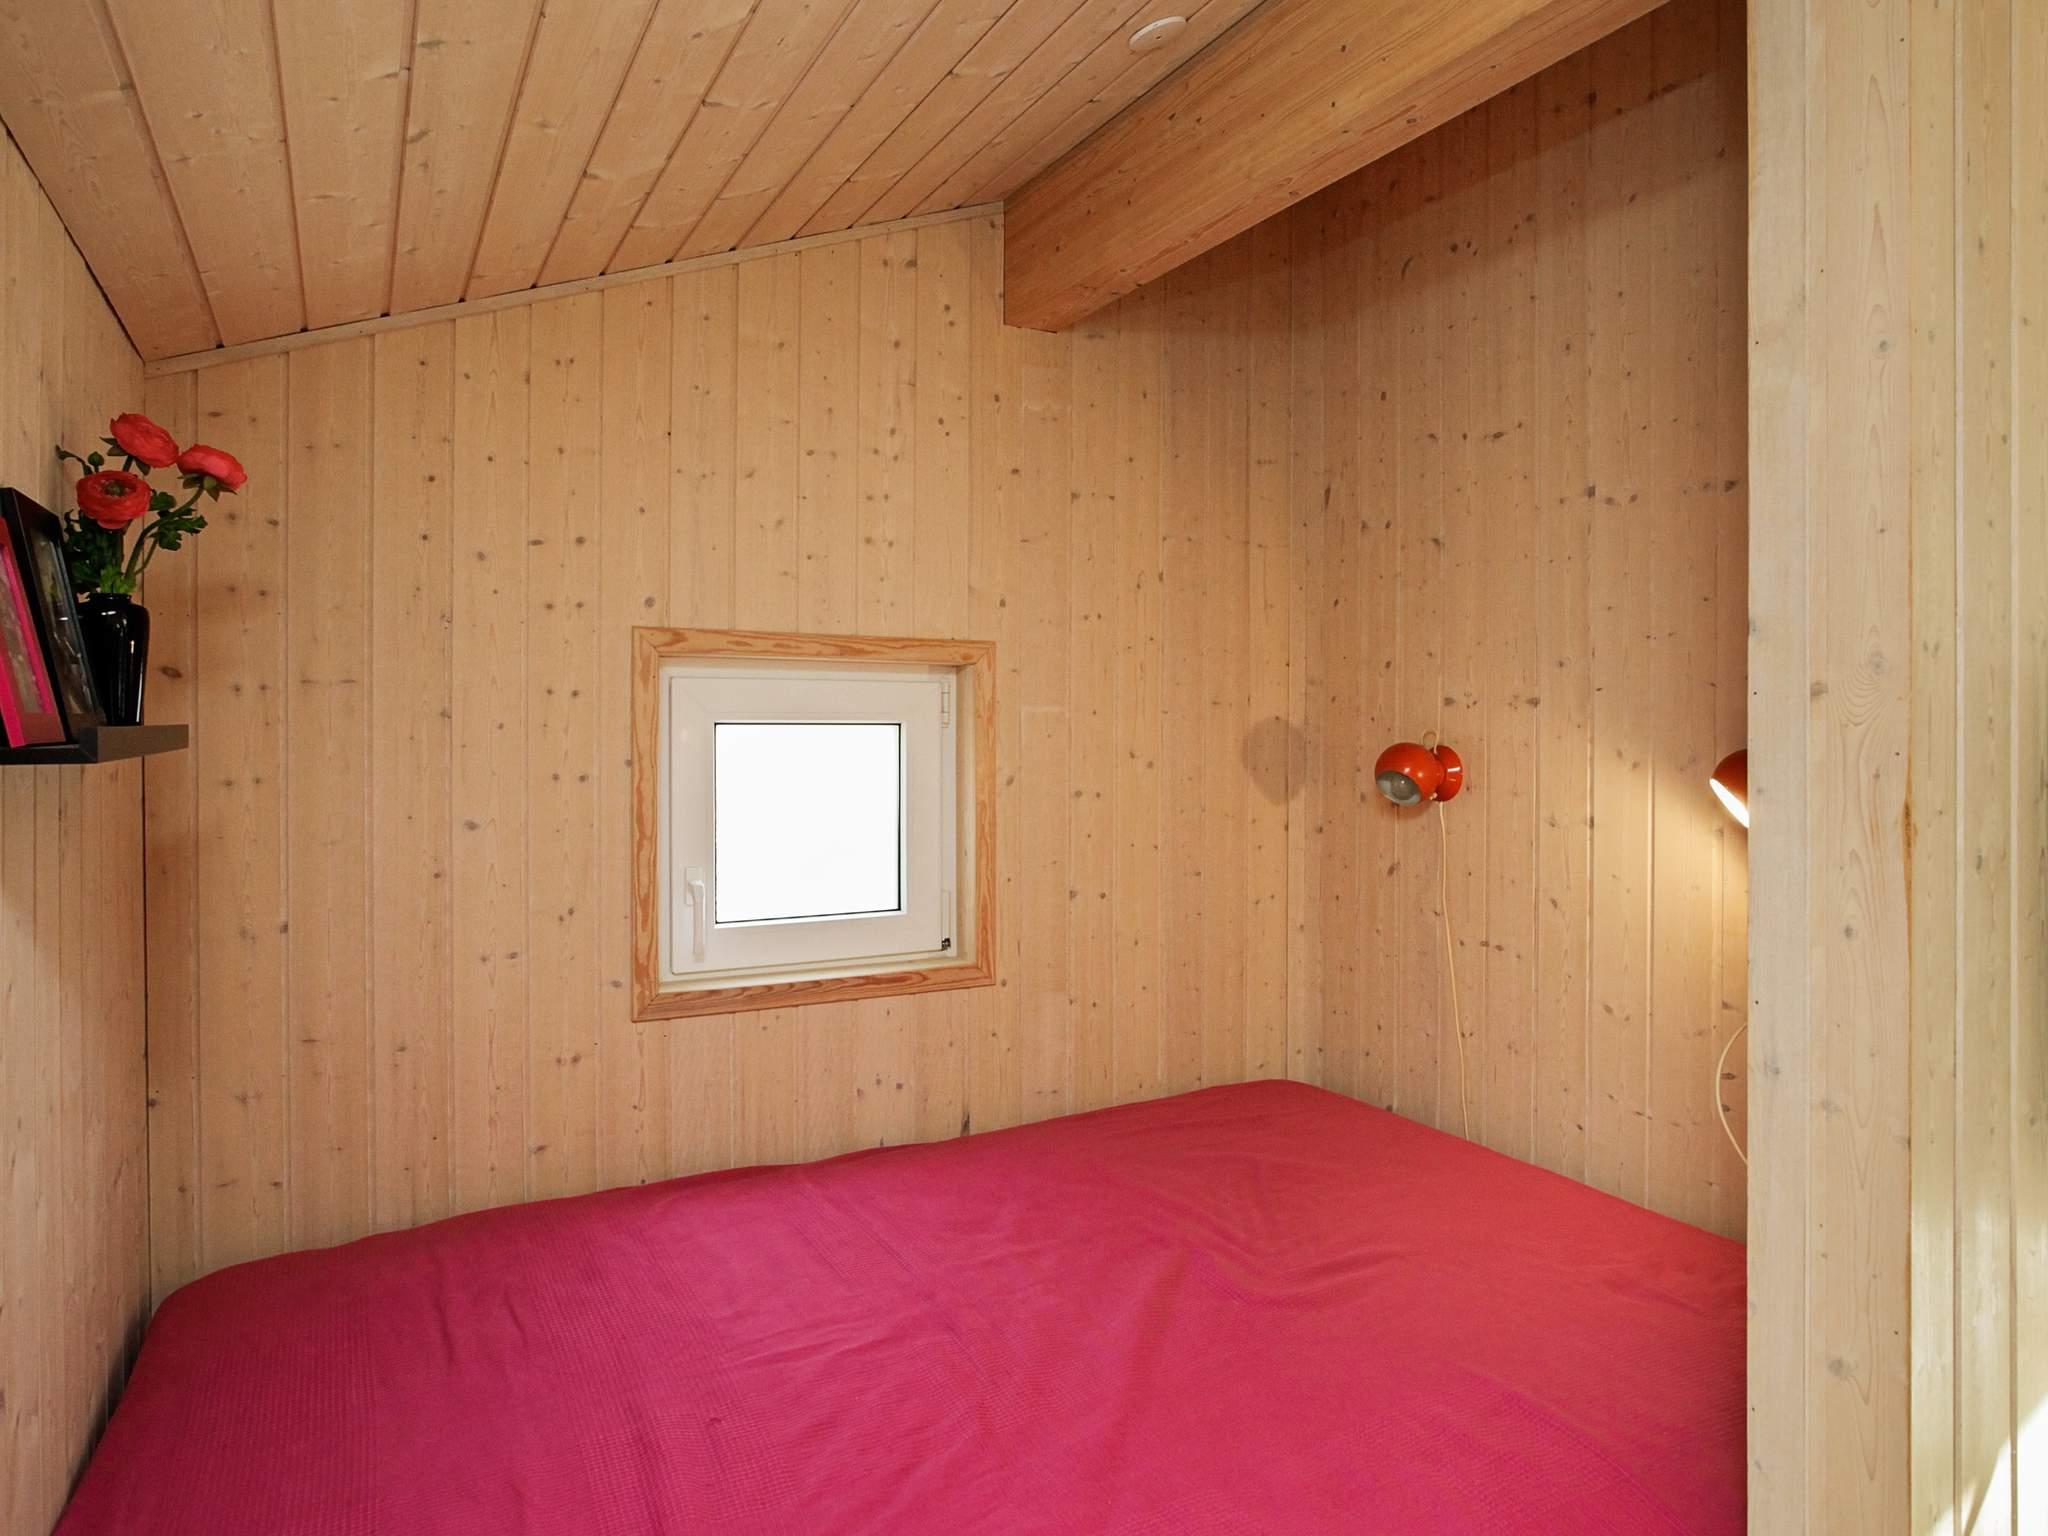 Ferienhaus Lodskovvad (405517), Lodskovvad, , Nordostjütland, Dänemark, Bild 7